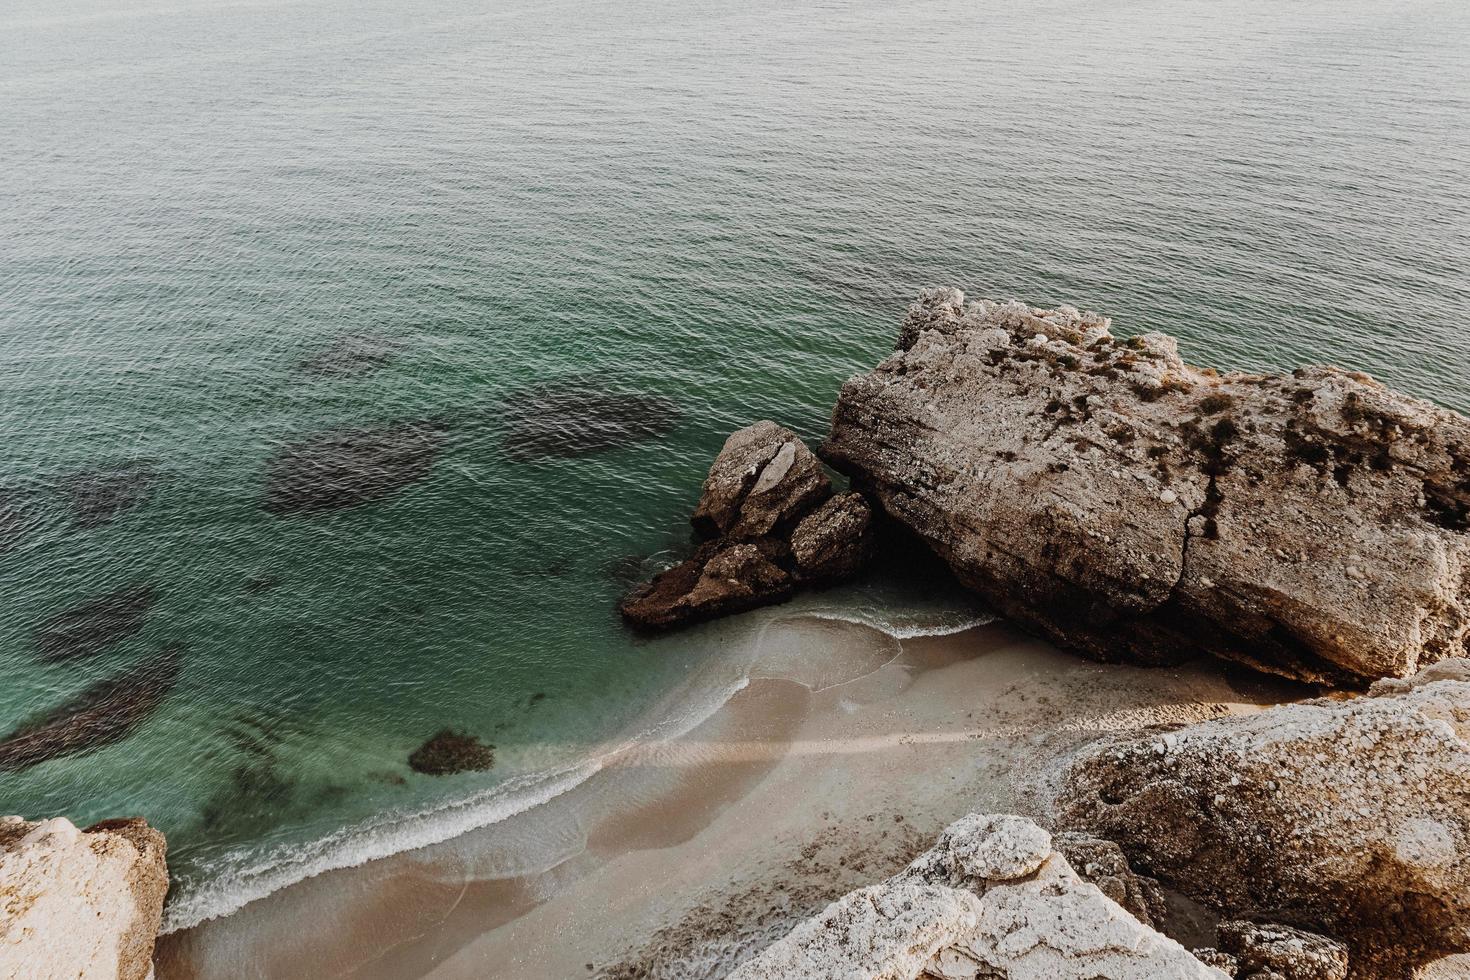 formazione rocciosa sulla costa dell'oceano foto